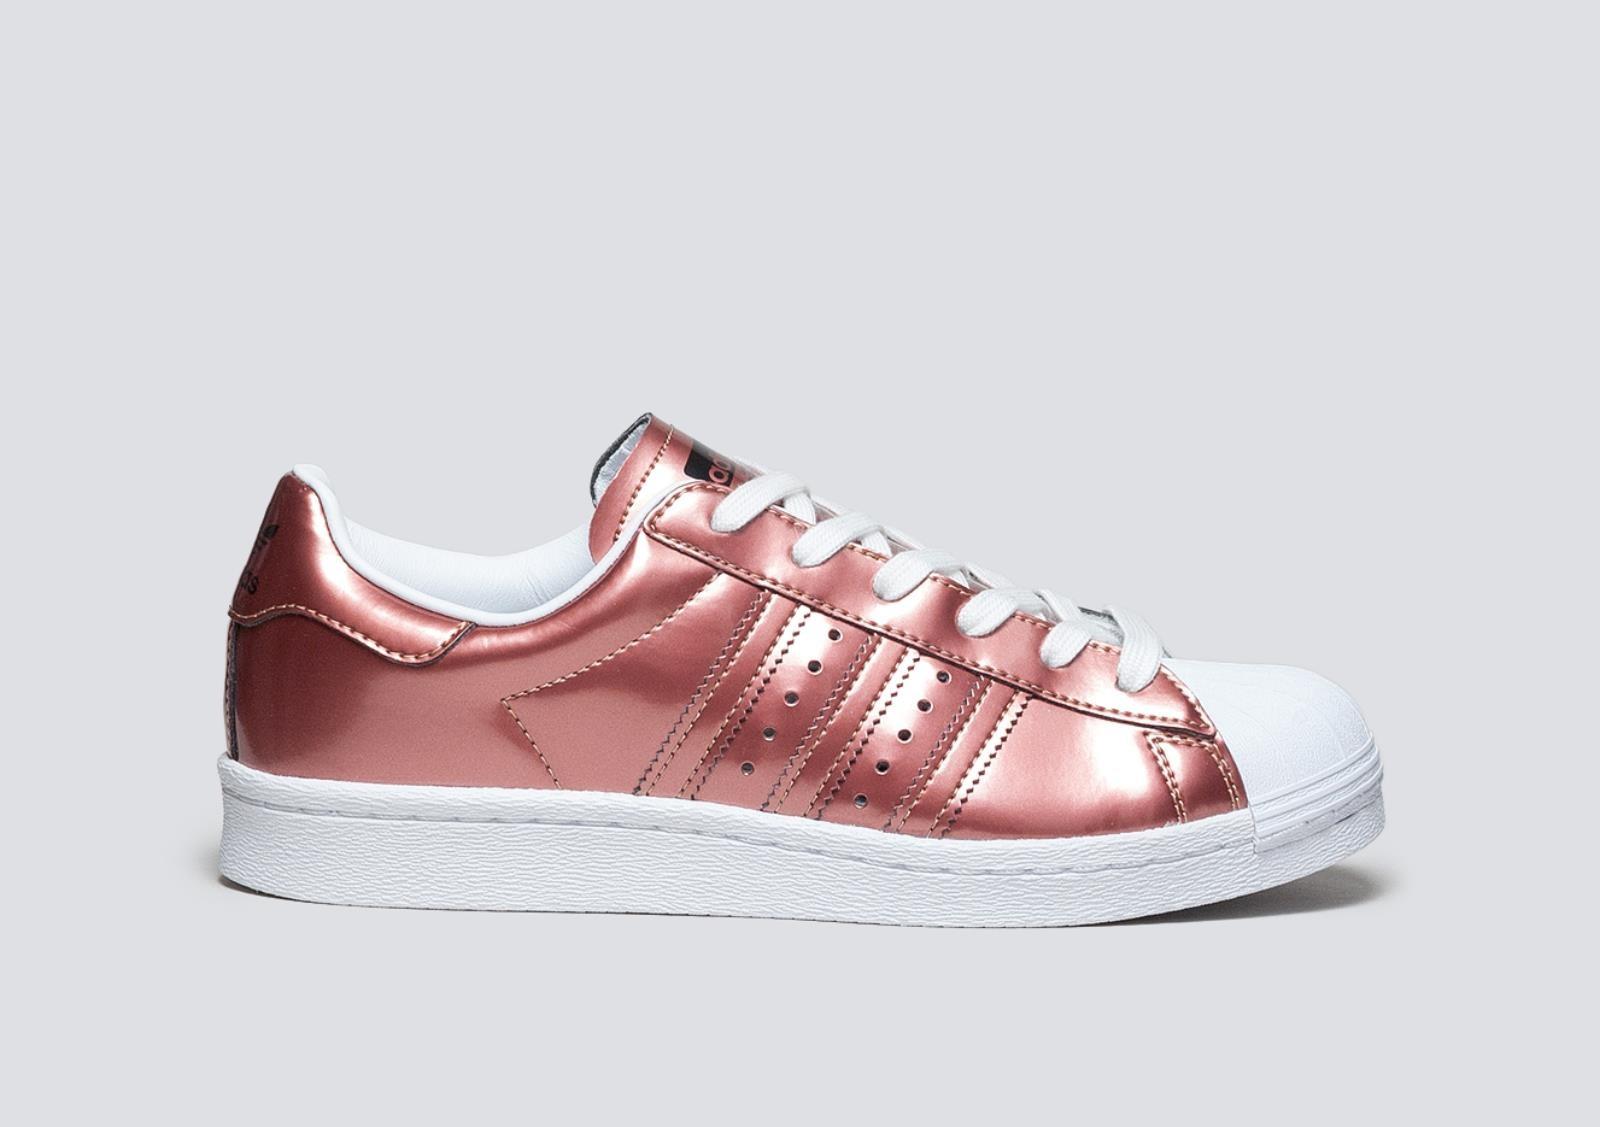 adidas scarpe rosa antico